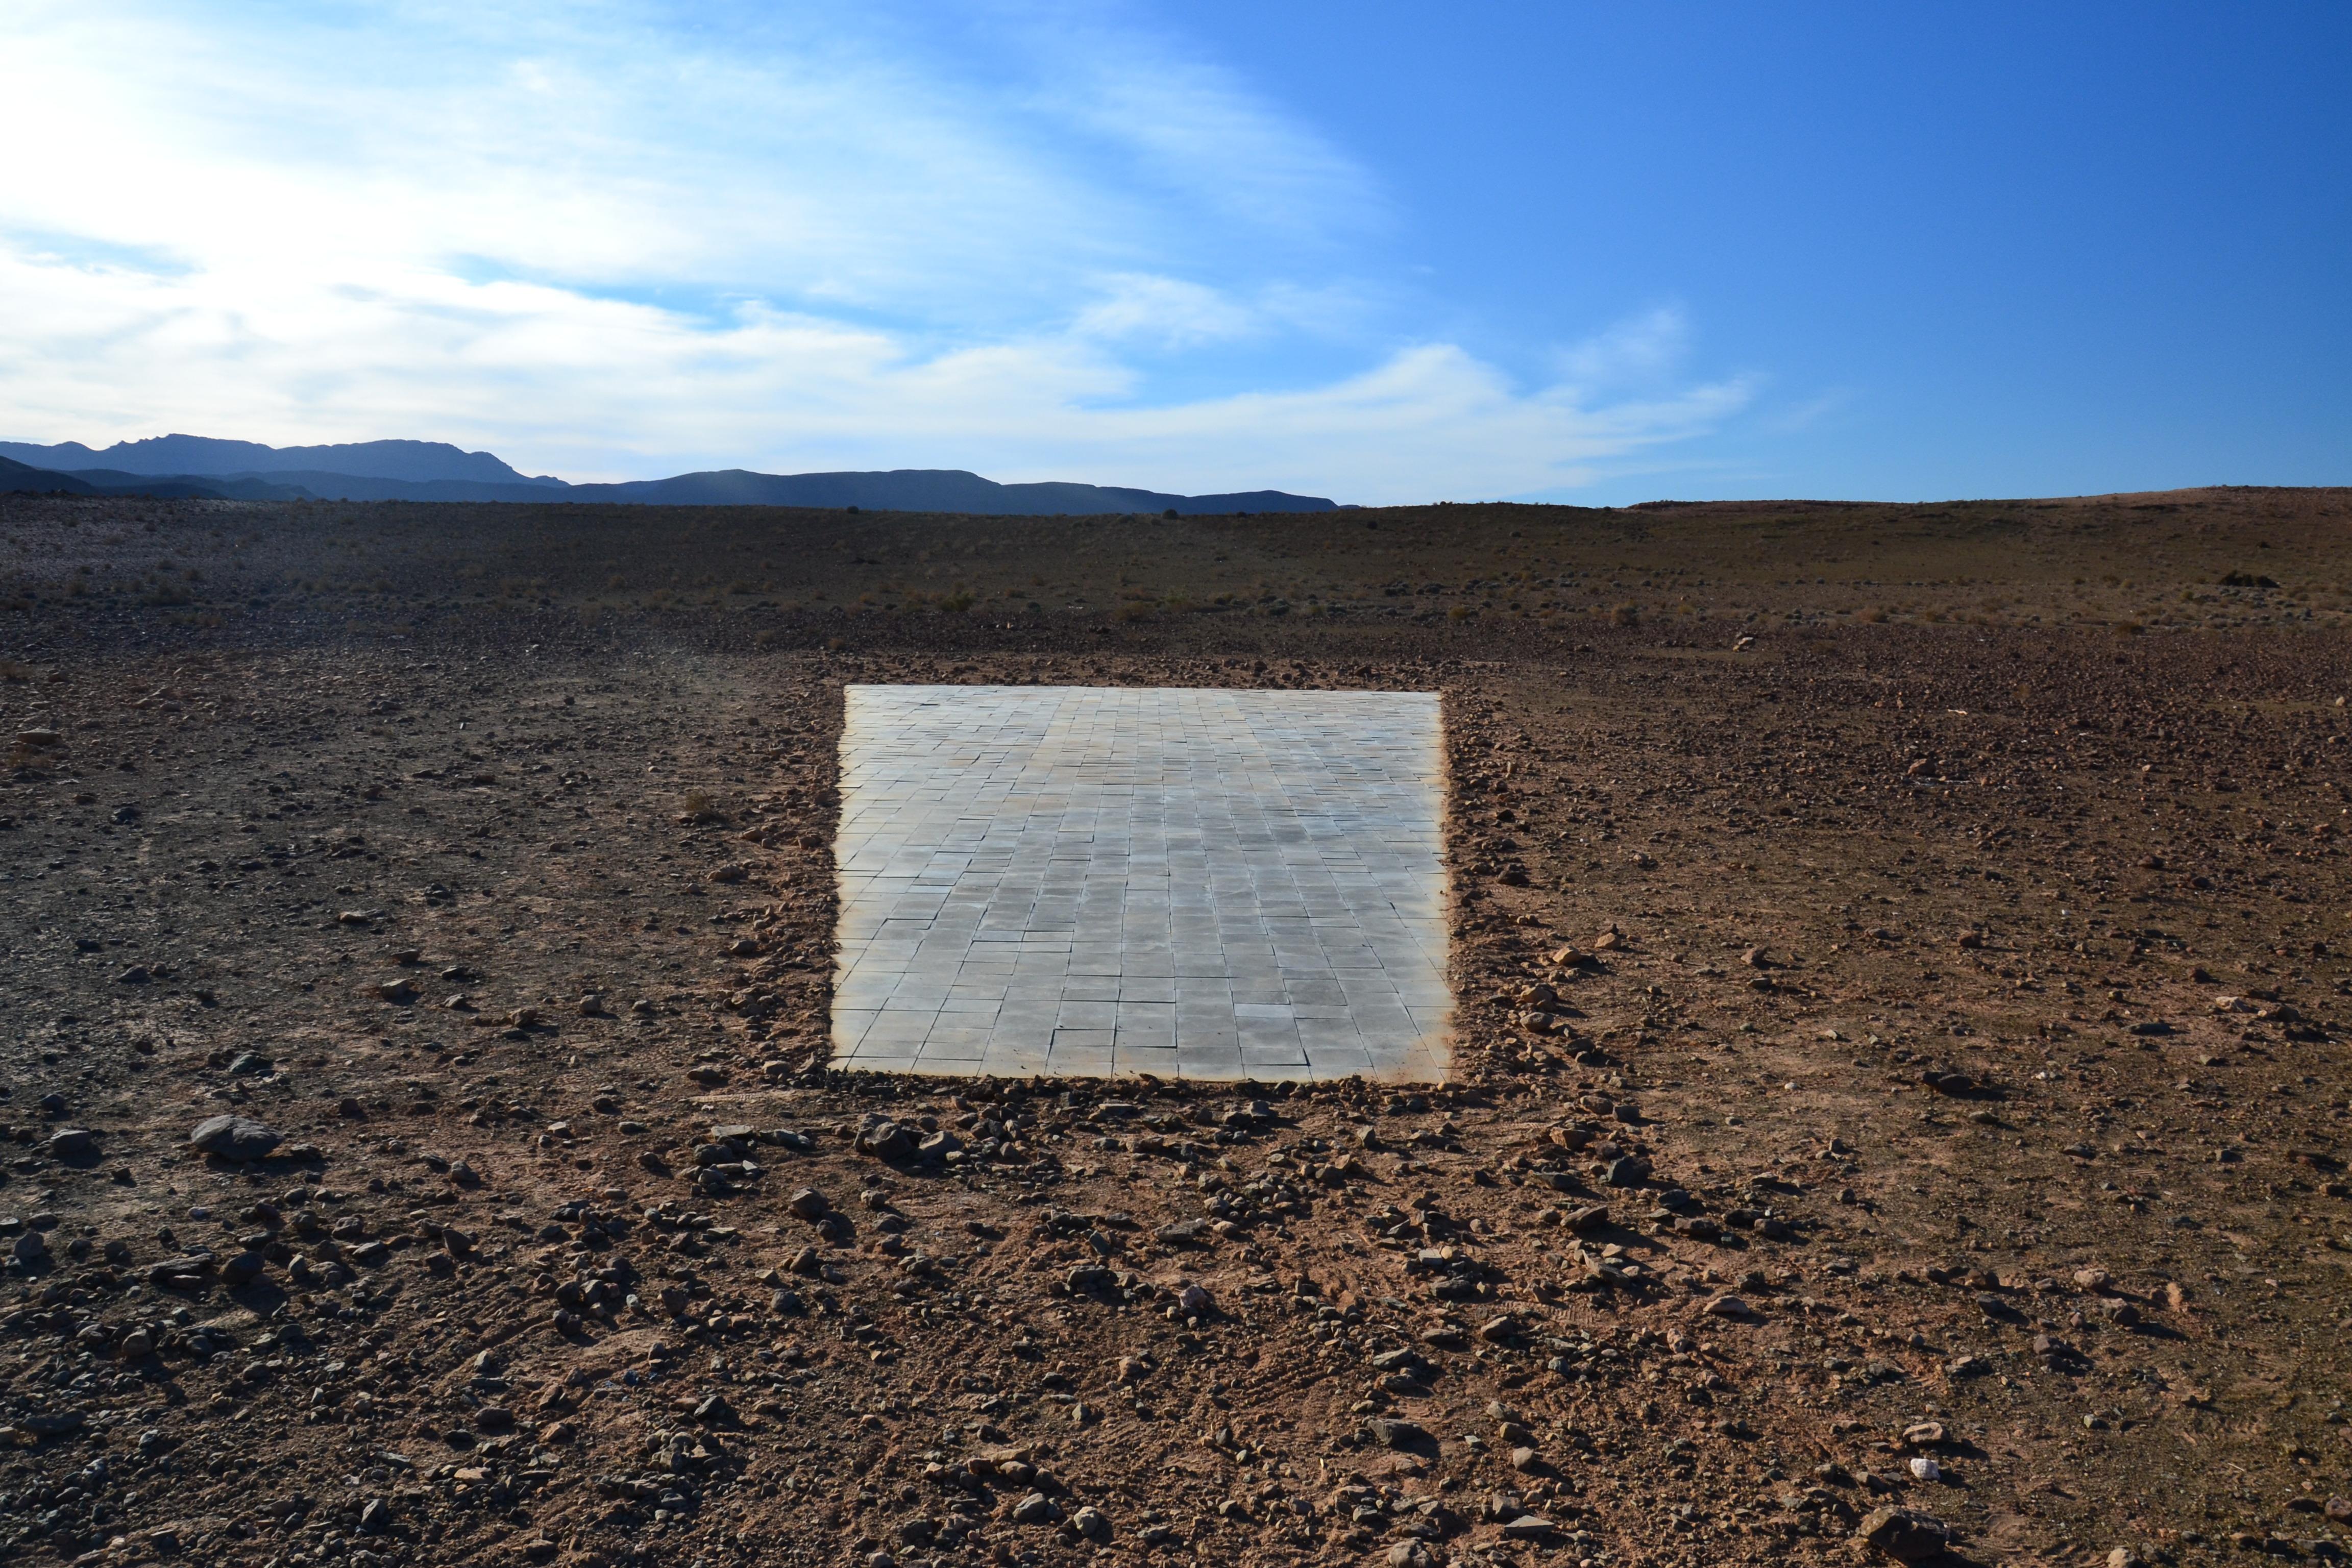 """Hicham Benohoud, """"Sans Titre"""", Série Landscaping, 2018, Photographie argentique - tirage C-print - 60x90 cm. Courtesy Loft Art Gallery"""